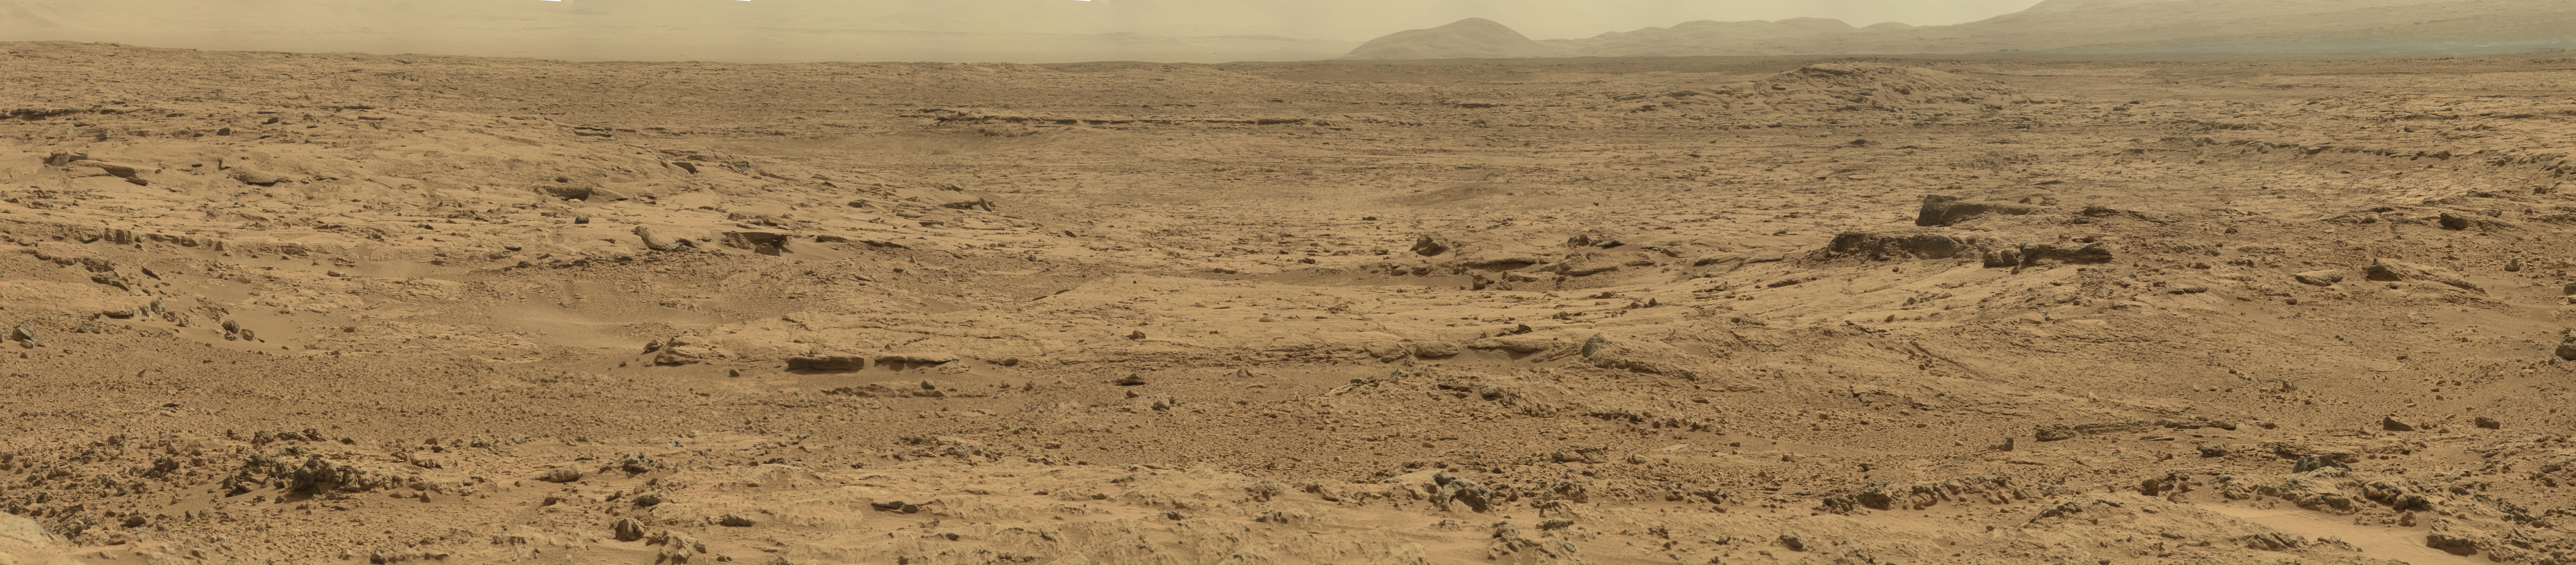 Panoramic view of Mars surface [13726x3008] - Snapzu.com